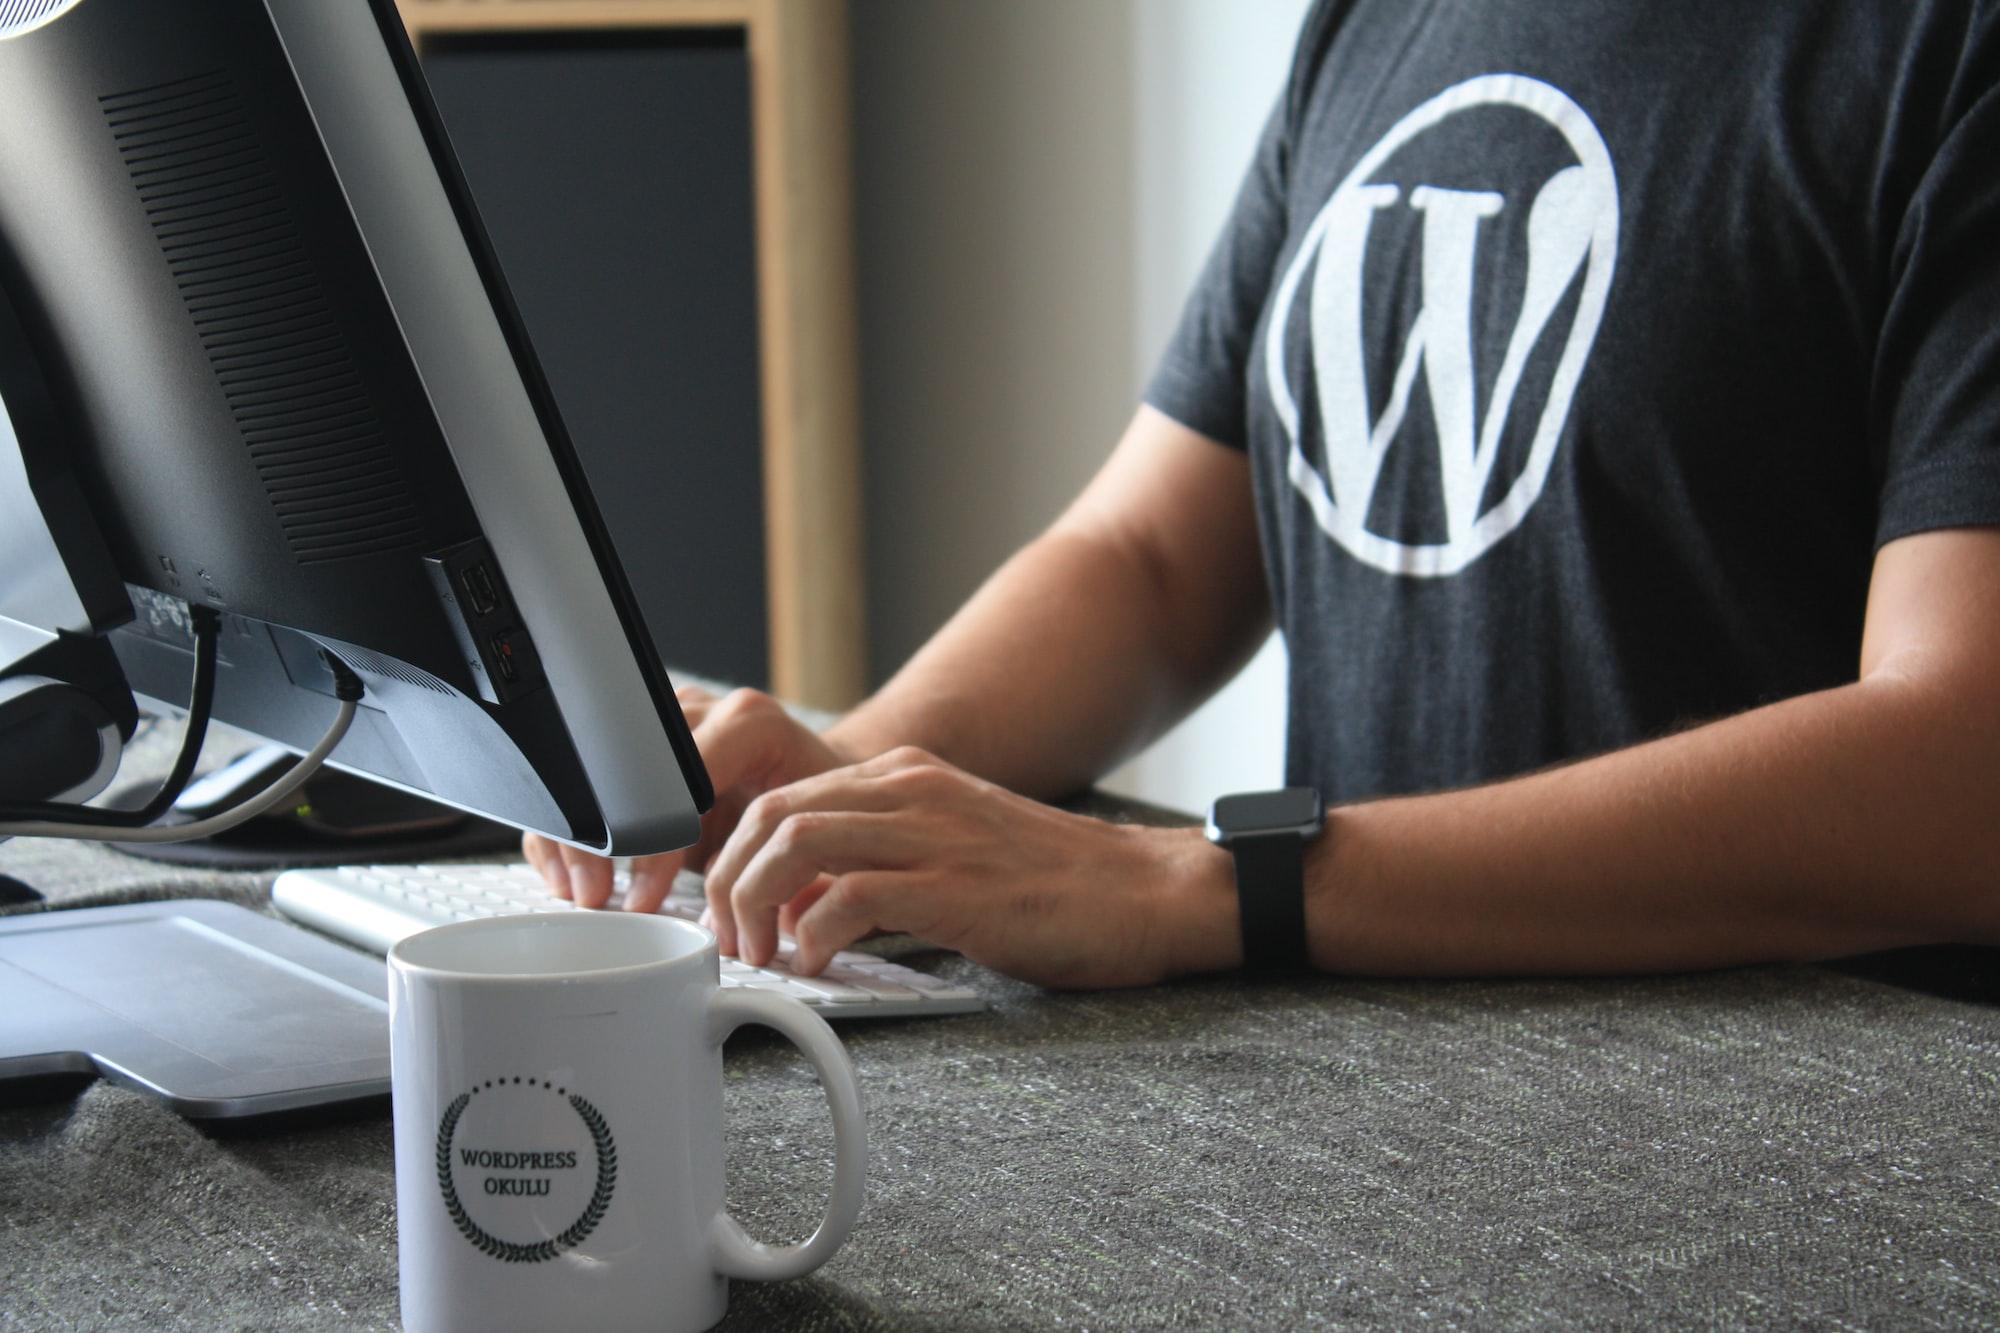 Обмен данными Wordpress - WooCommerce и 1C Предприятие